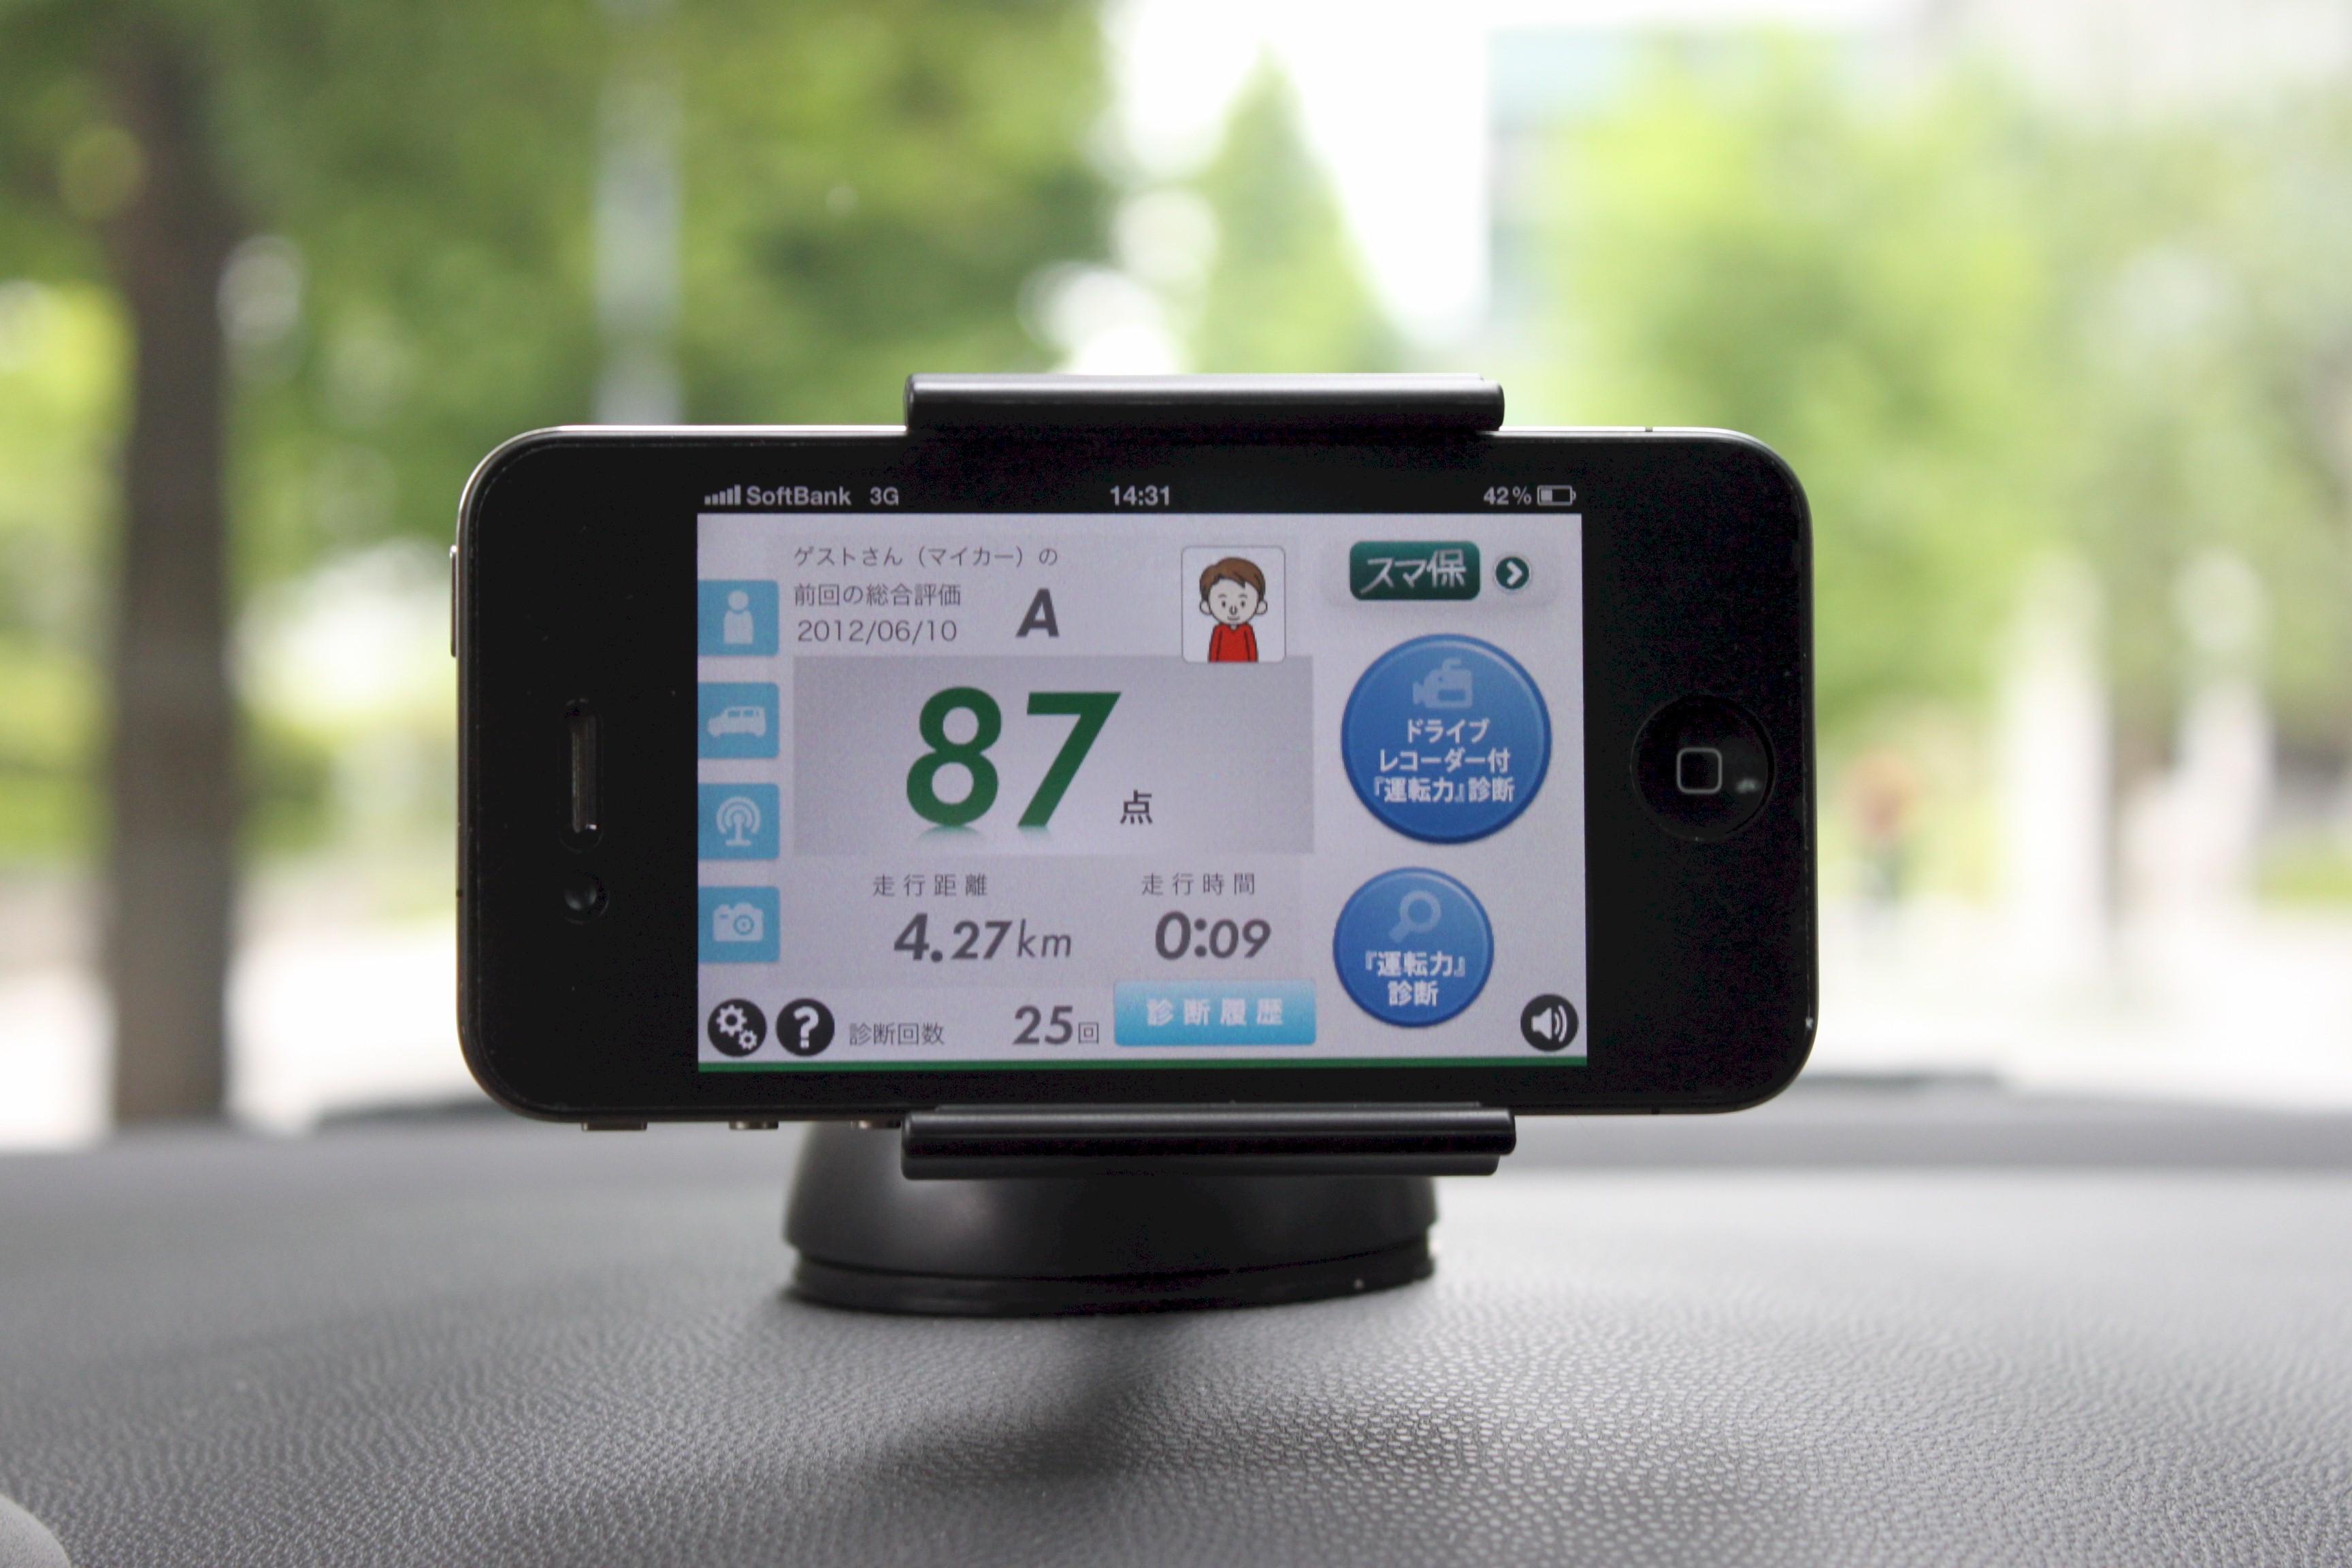 ドライブレコーダー機能の付いたスマホ・アプリ「スマ保」で運転力診断